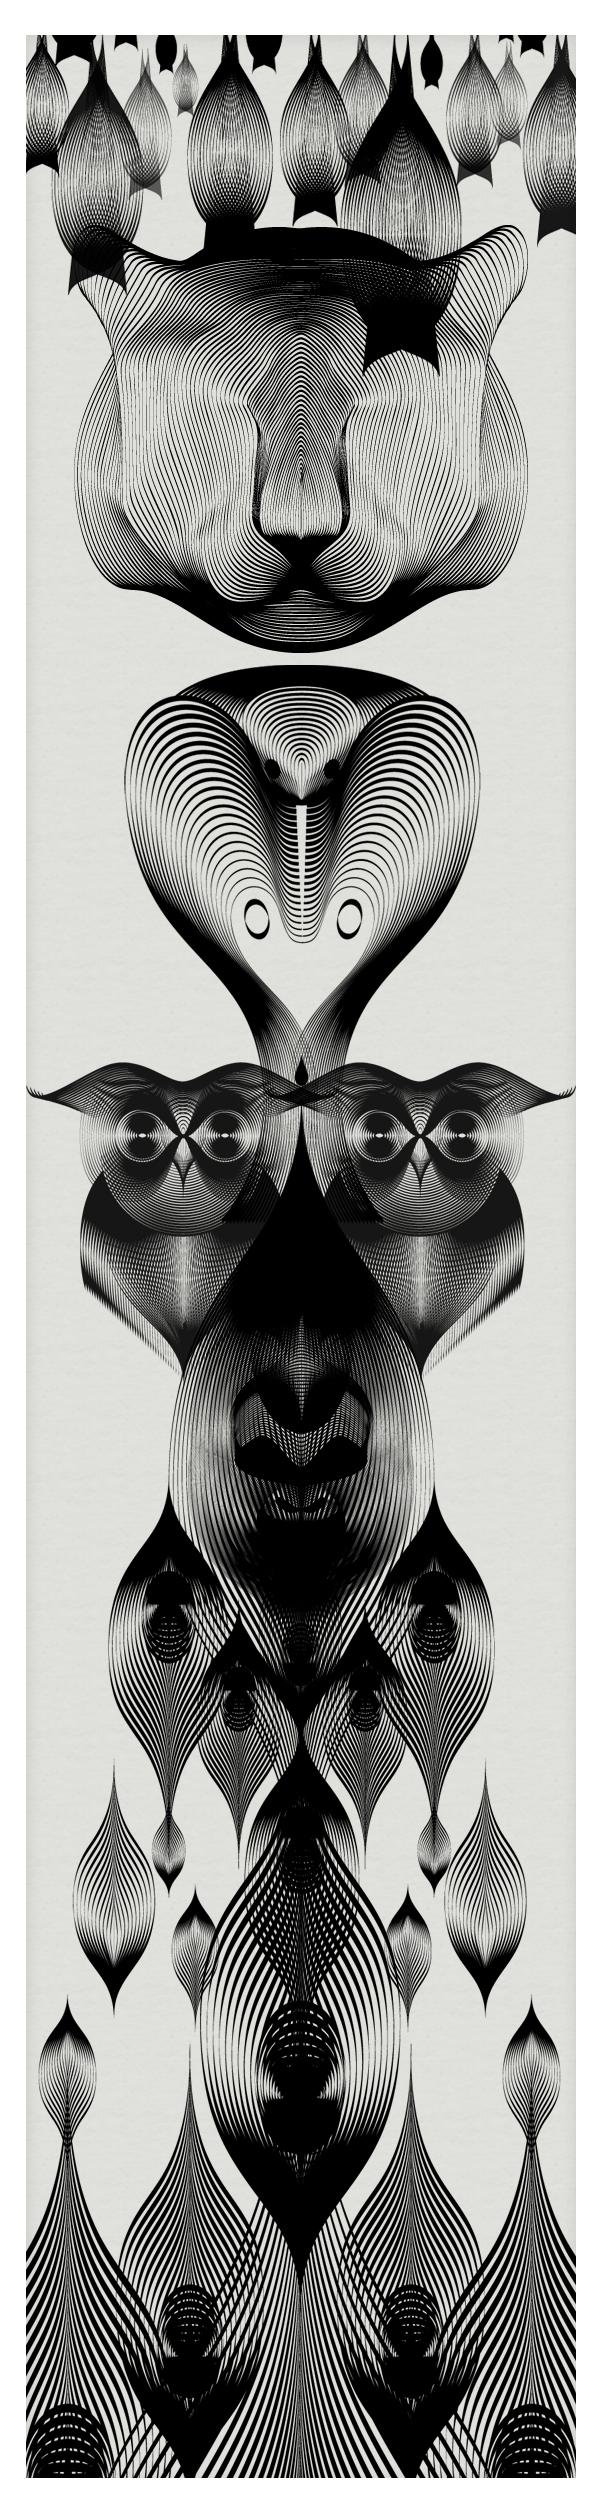 Animals_in_Moire-Andrea_Minini-12.jpg